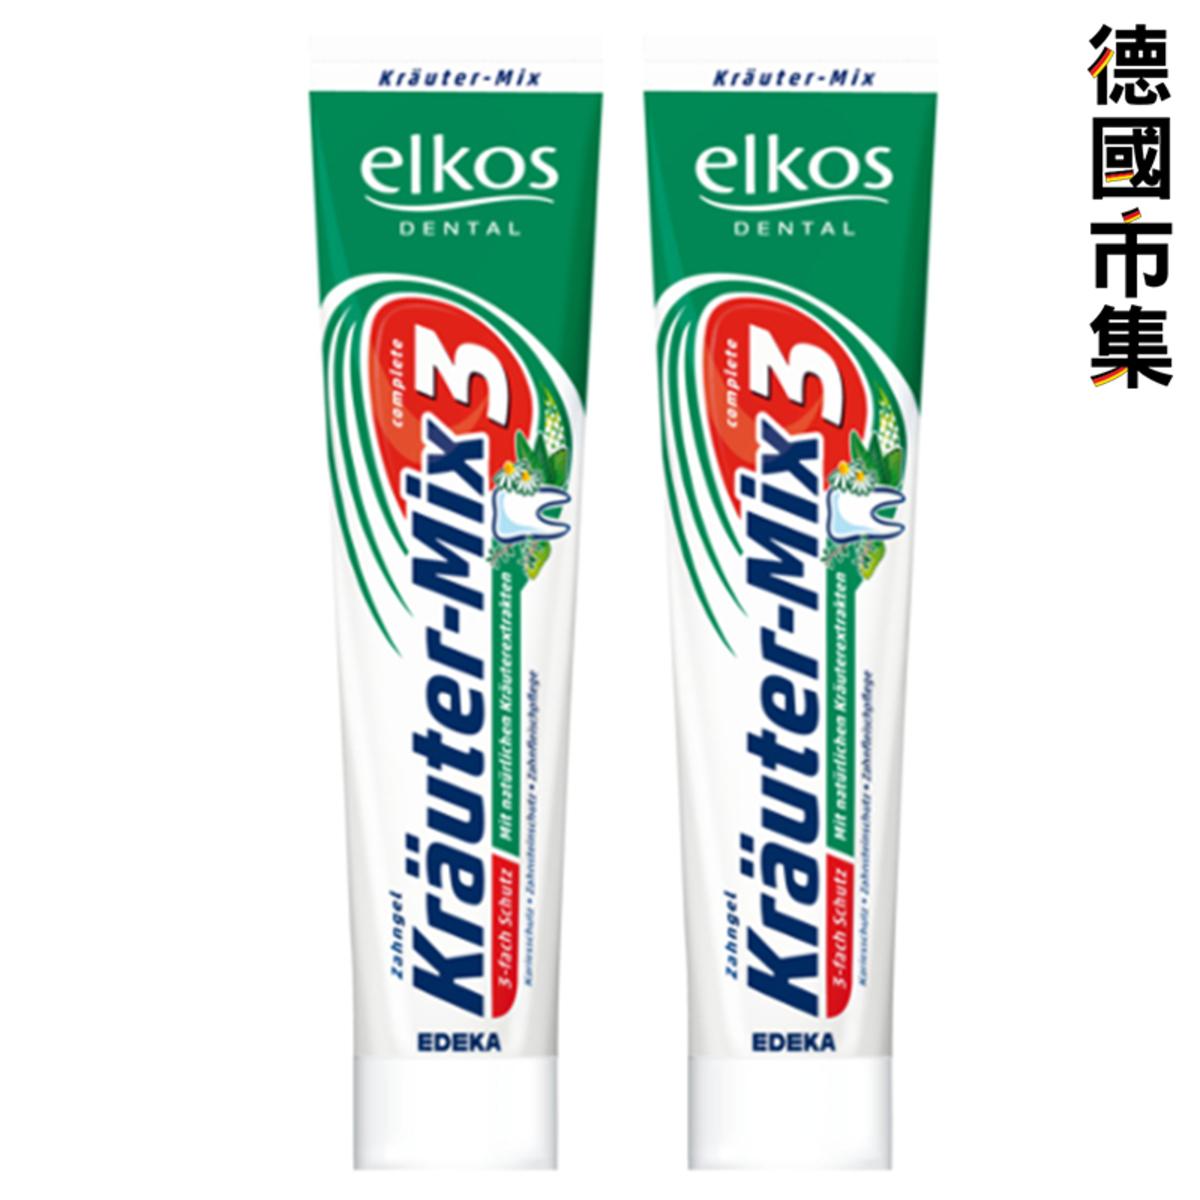 德國EDEKA elkos 天然草本 3重保護牙膏 125ml (2支裝)【市集世界 - 德國市集】